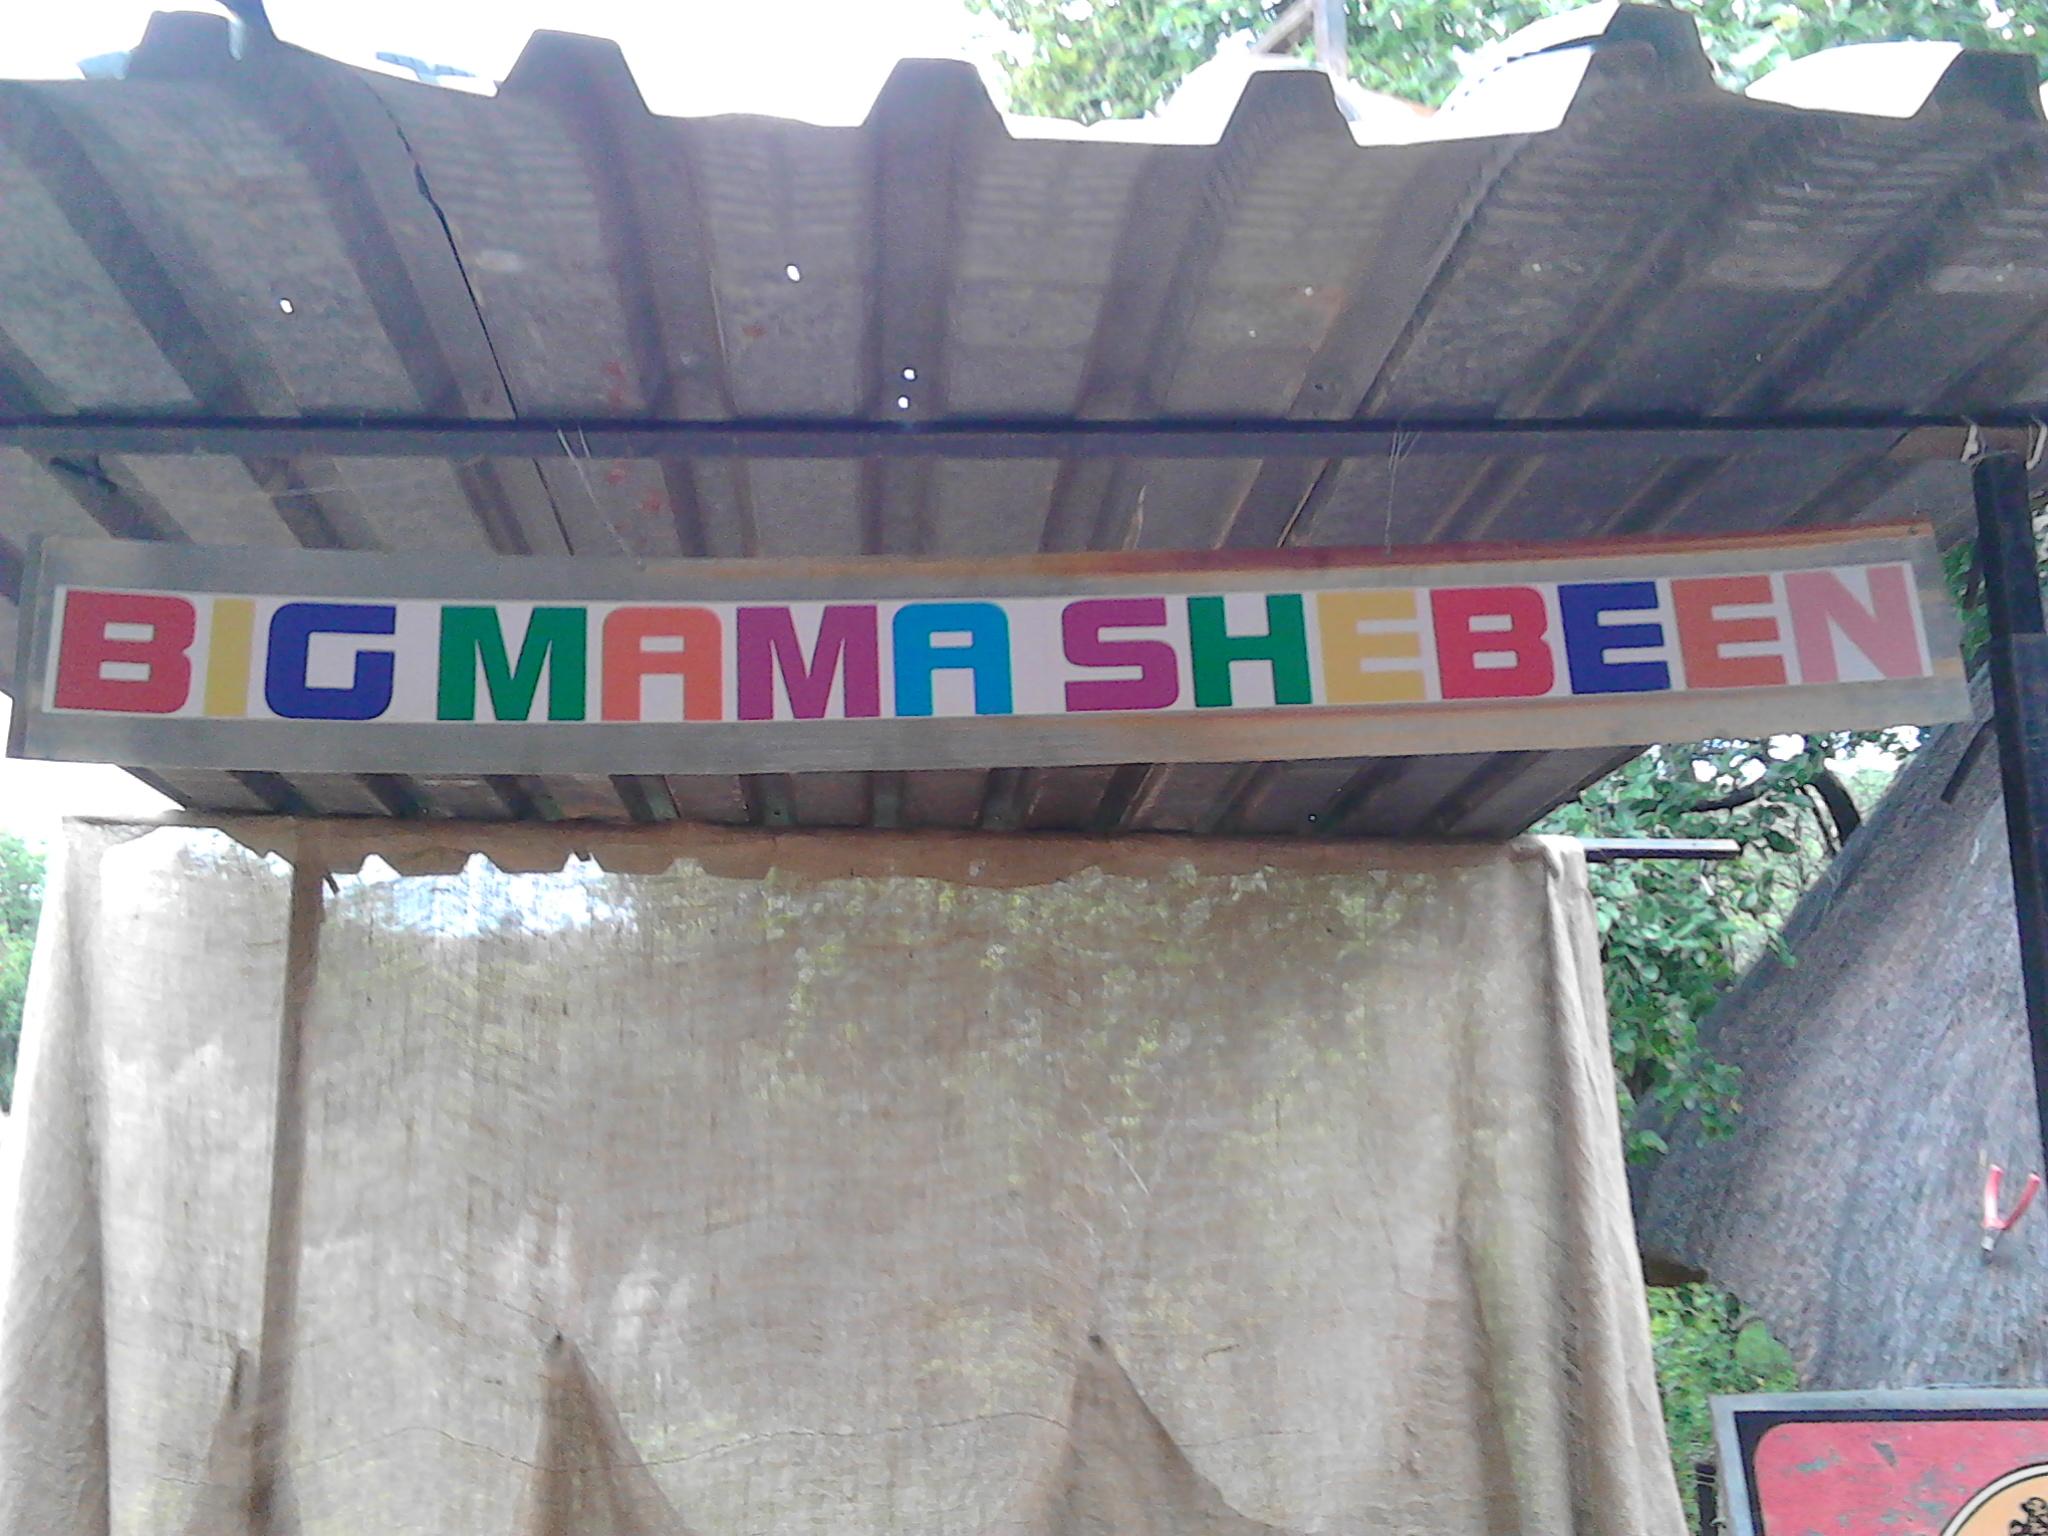 big-mama-shebeen-sign